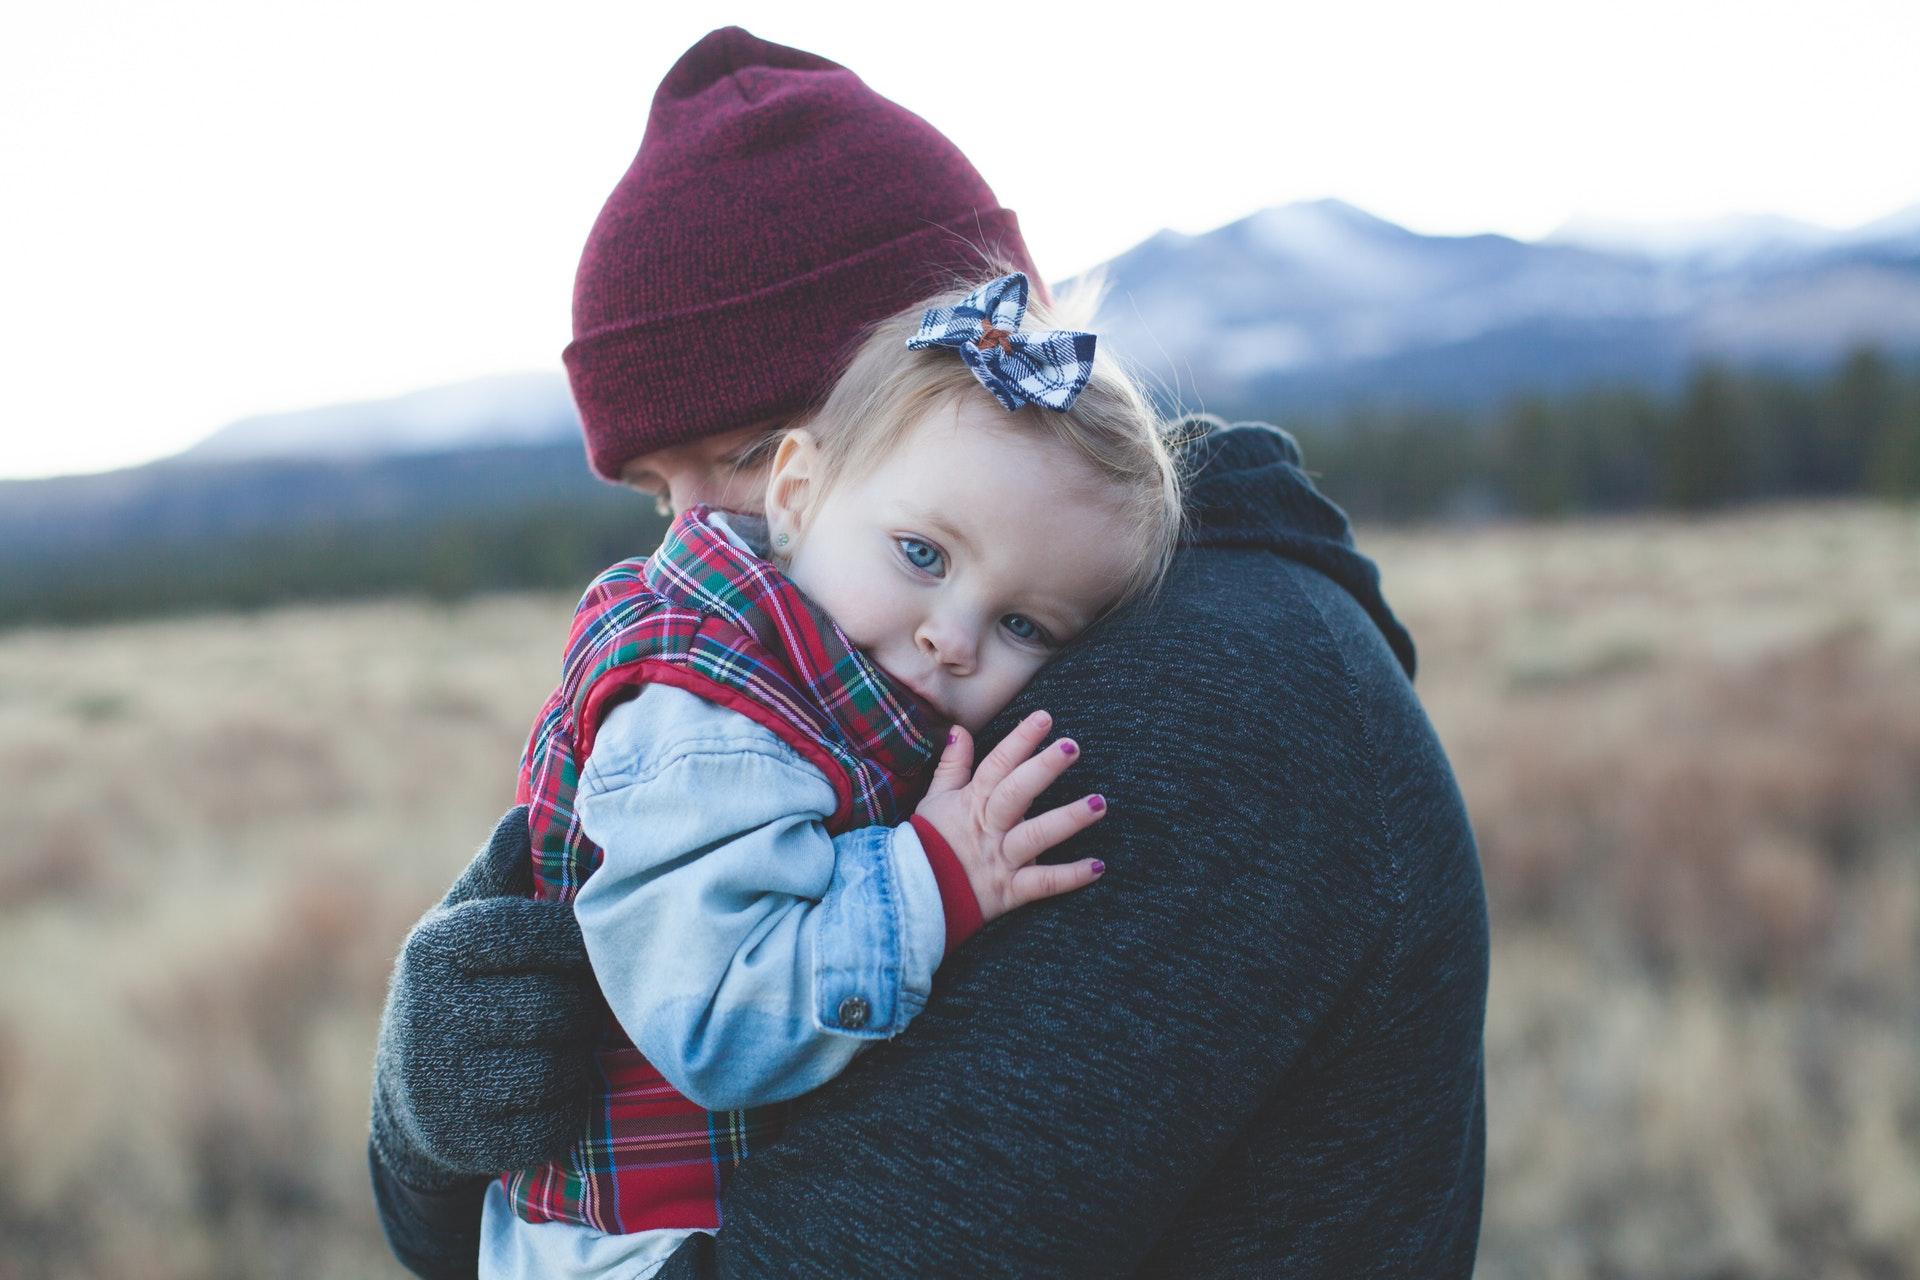 Як ефективно провести час з дитиною, якщо ви перетворилися в недільного батька